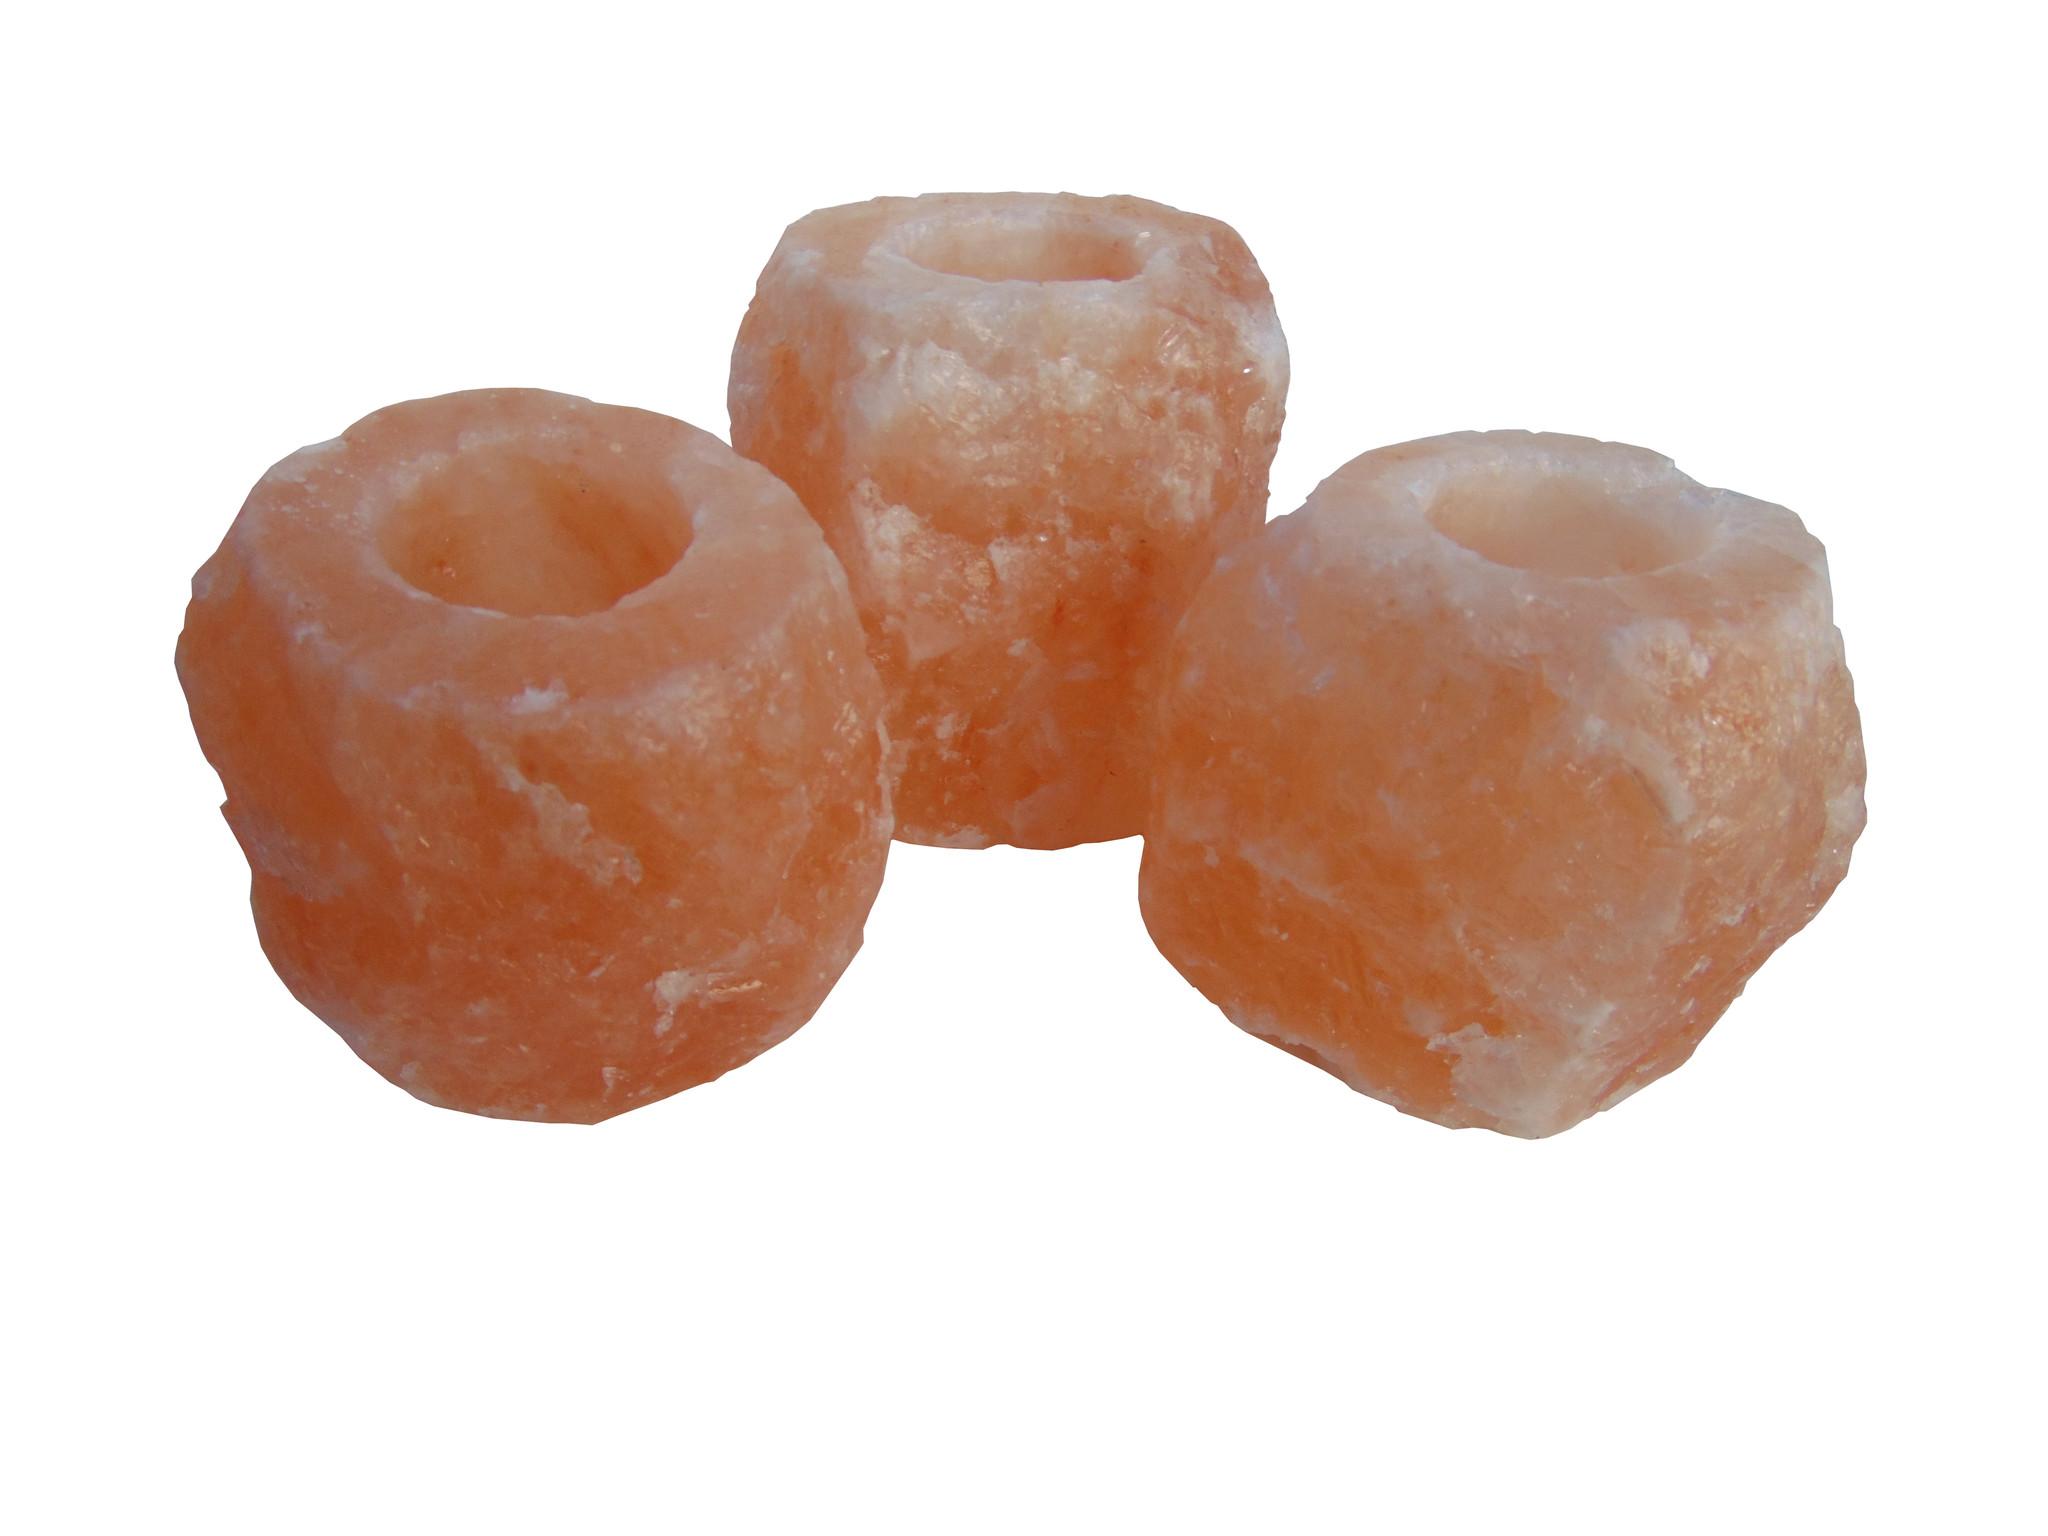 Bougeoir en Cristal de Forme Naturelle Porte-Bougie Chauffe-Plat au sel de Roche Rose Authentique Myga Bougeoir Chauffe-Plat au sel de lHimalaya